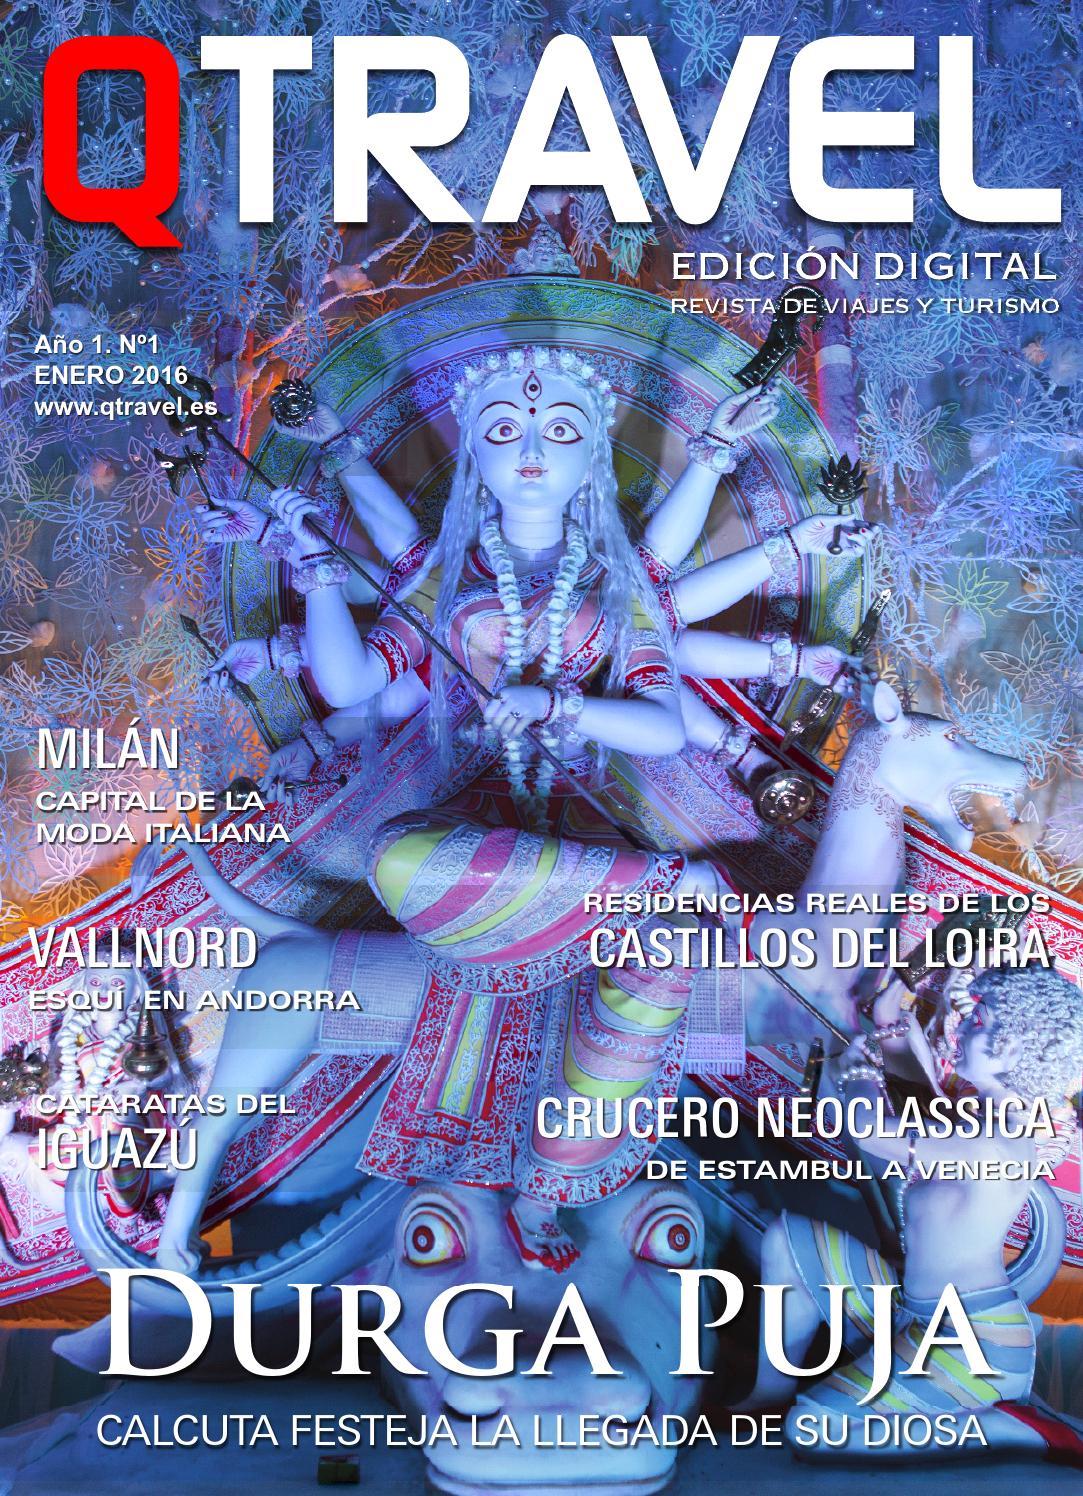 Revista de viajes QTRAVEL Digital nº1 by REVISTA QTRAVEL - issuu